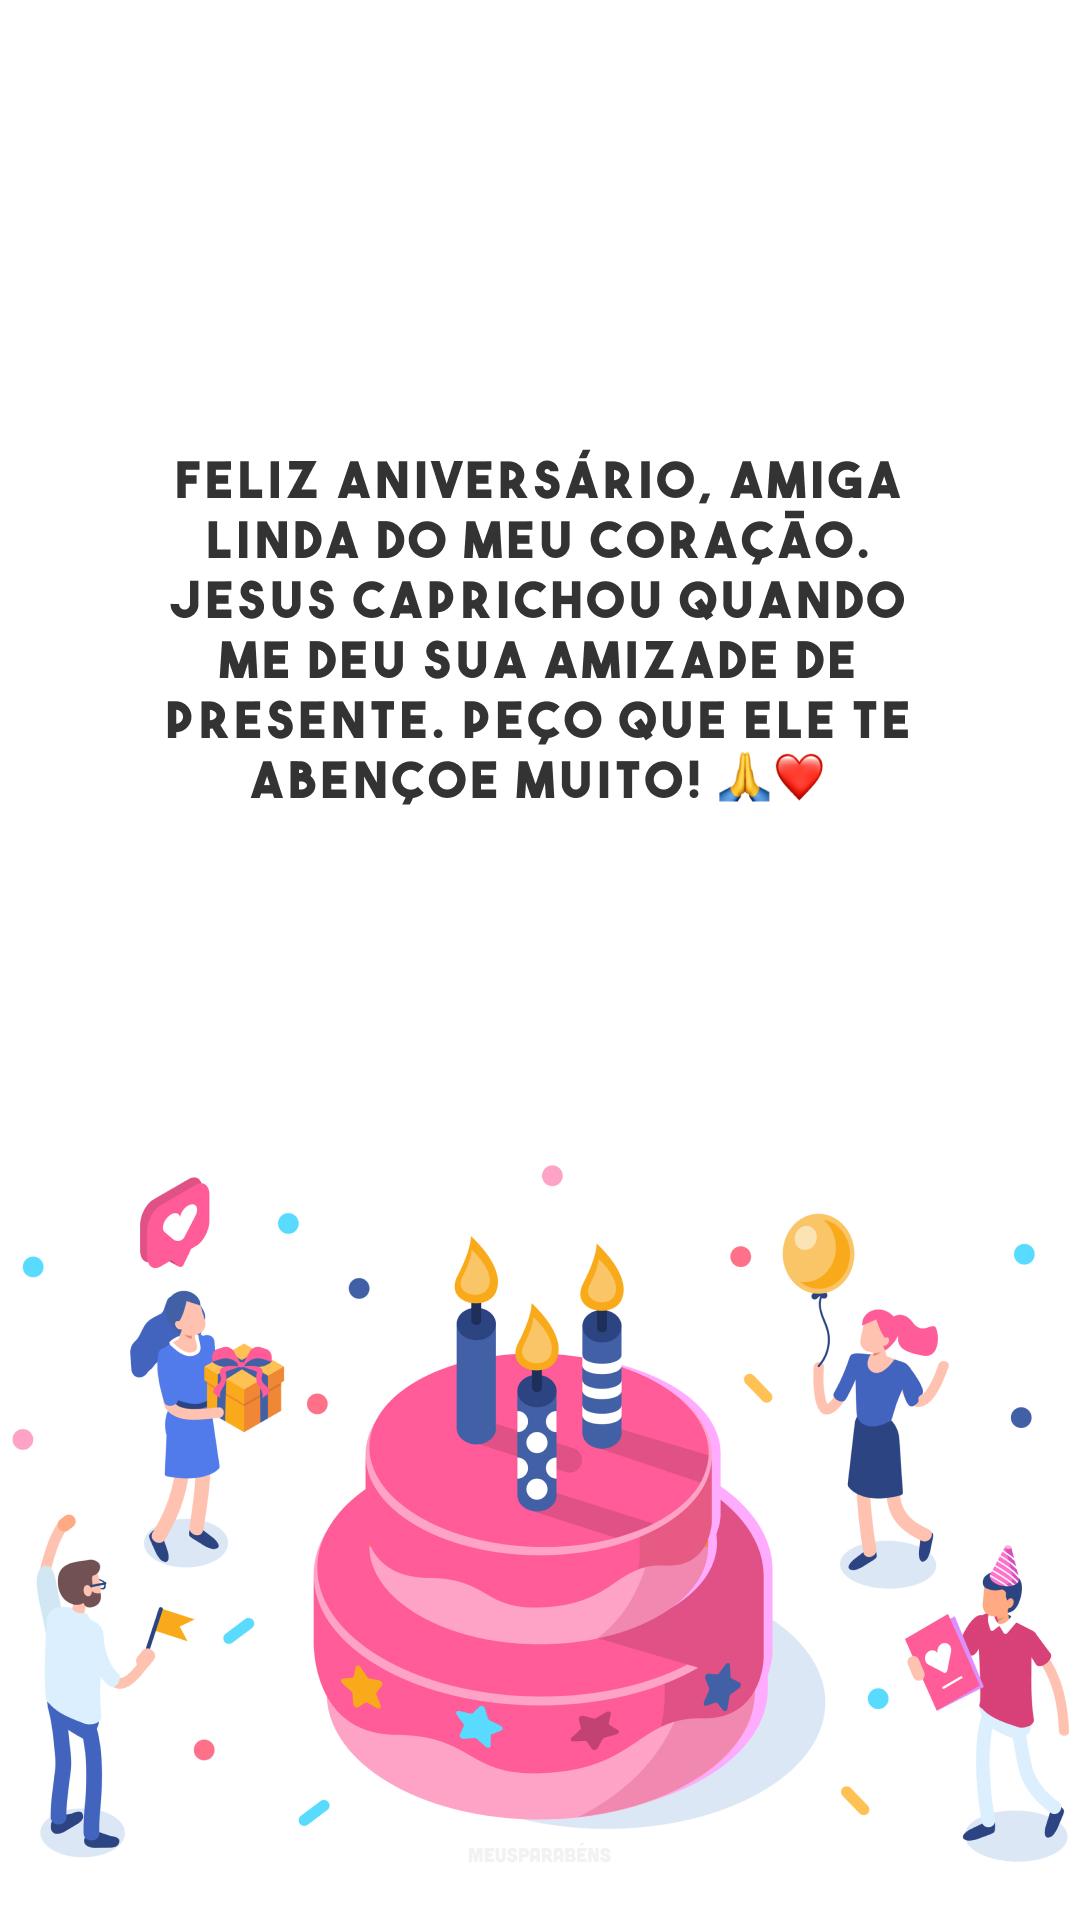 Feliz aniversário, amiga linda do meu coração. Jesus caprichou quando me deu sua amizade de presente. Peço que Ele te abençoe muito! 🙏❤️